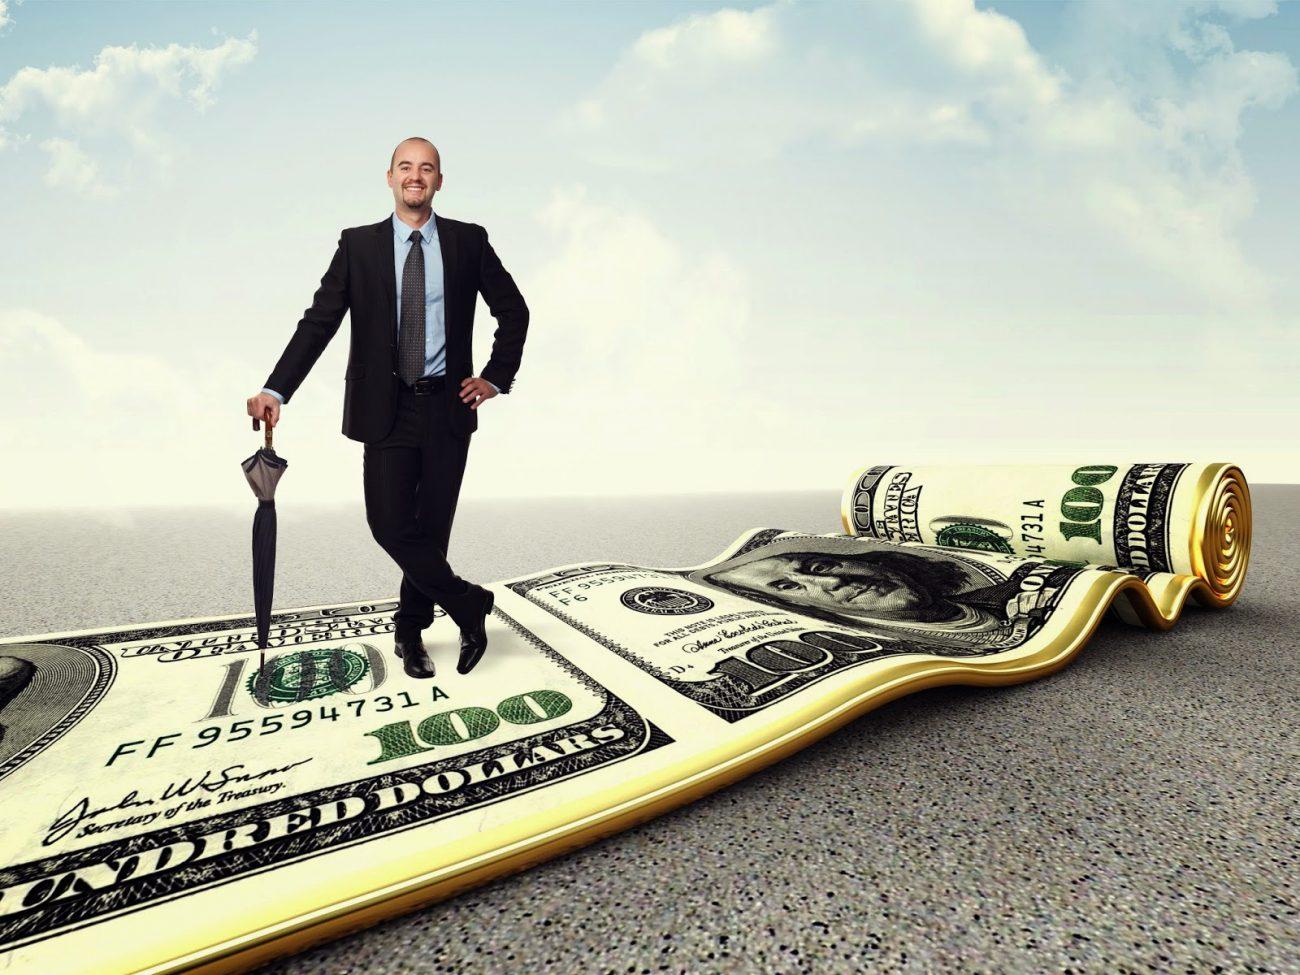 dengi 065 - Имеющим дается: Российские олигархи в этом году стали богаче на 11%